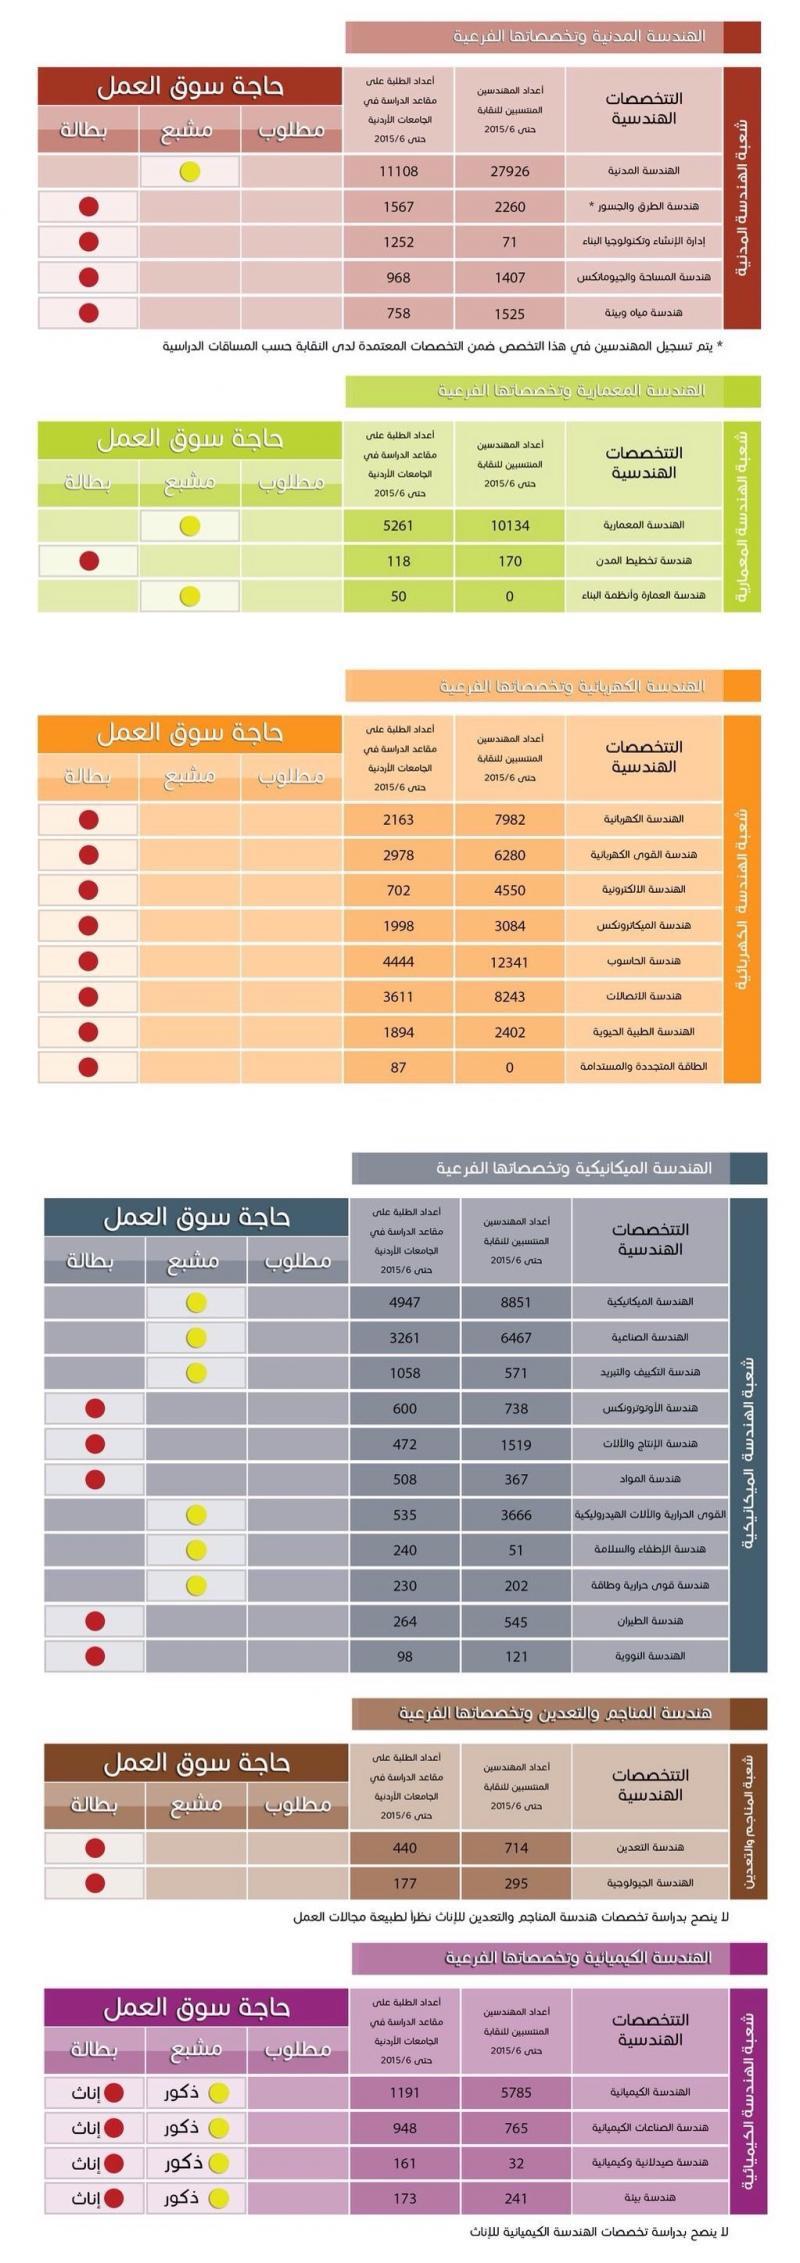 حالة سوق العمل للمهندسين في #الأردن